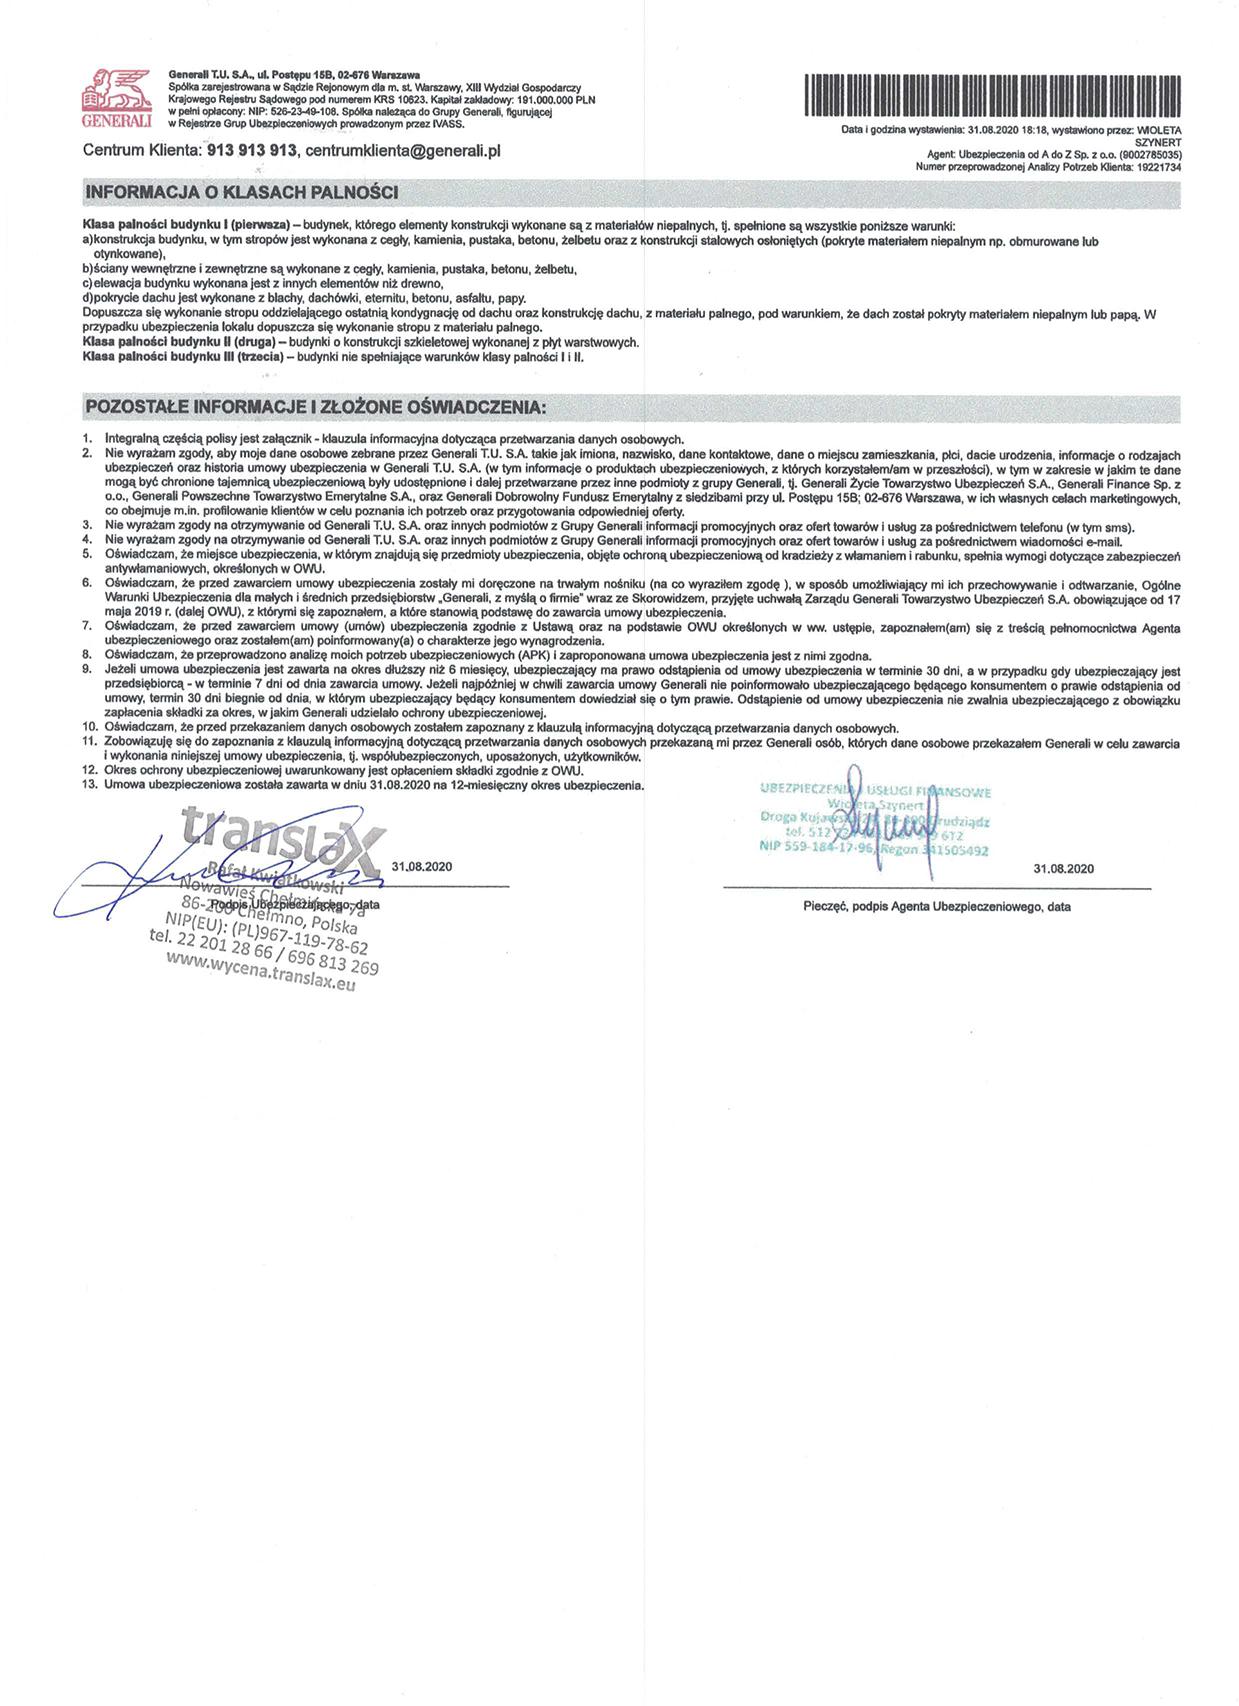 polisa 2020 2 - Dokumenty